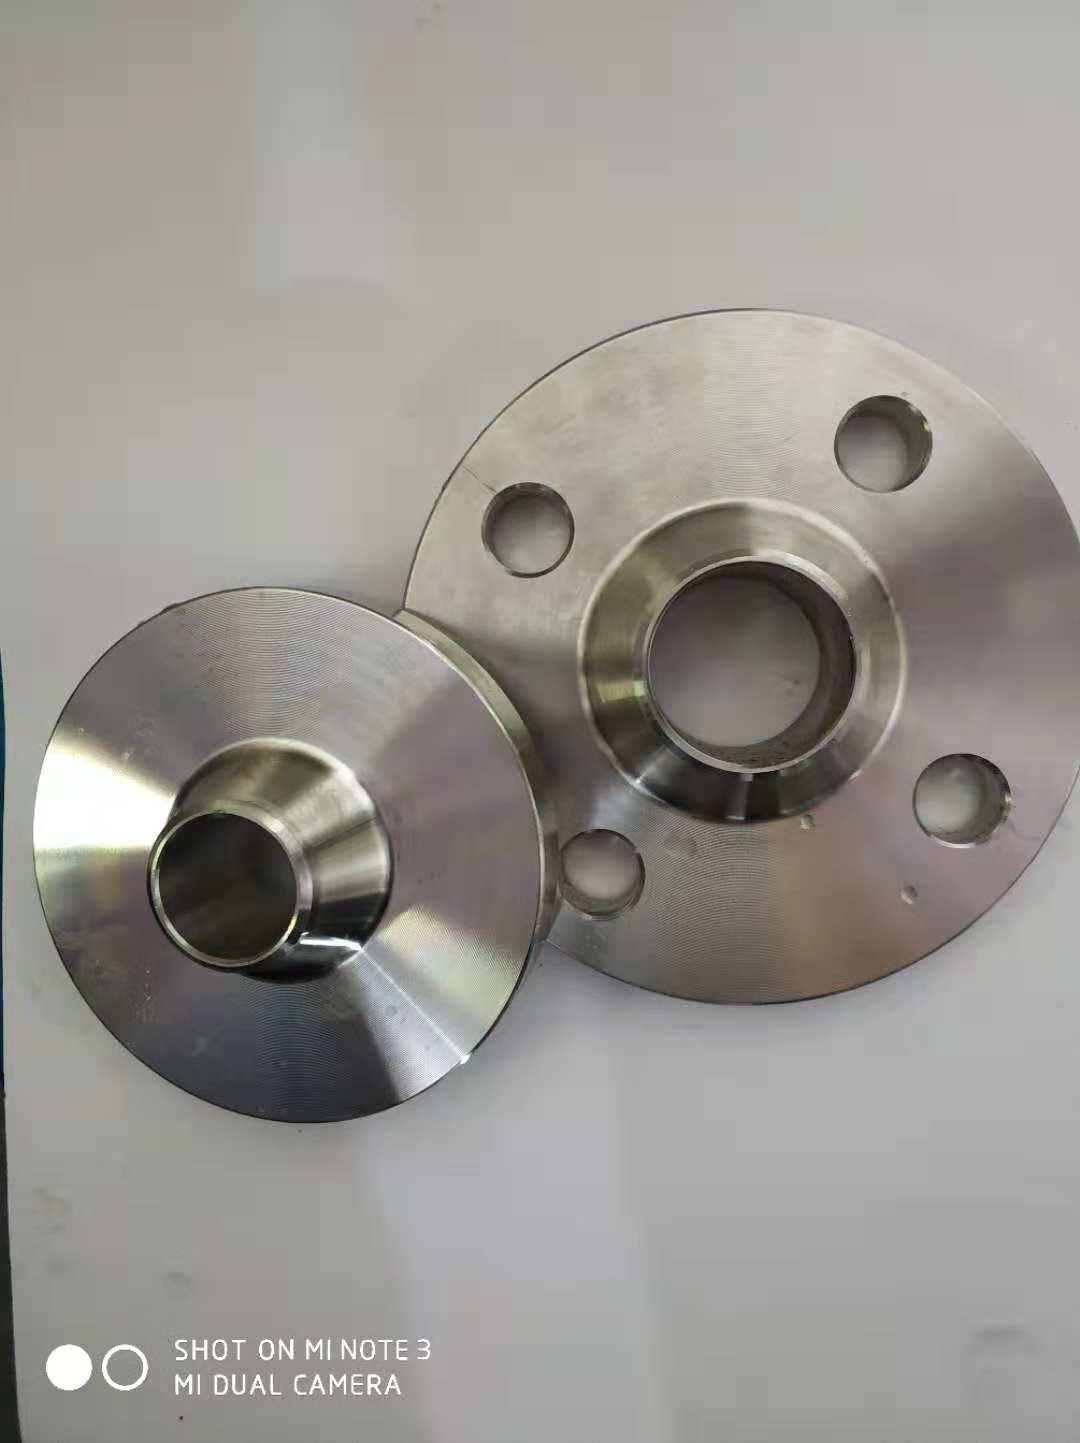 合金钢法兰片厂家直销,铸铁法兰片报价,碳钢法兰片种类,合金钢法兰片型号,不锈钢法兰片图片